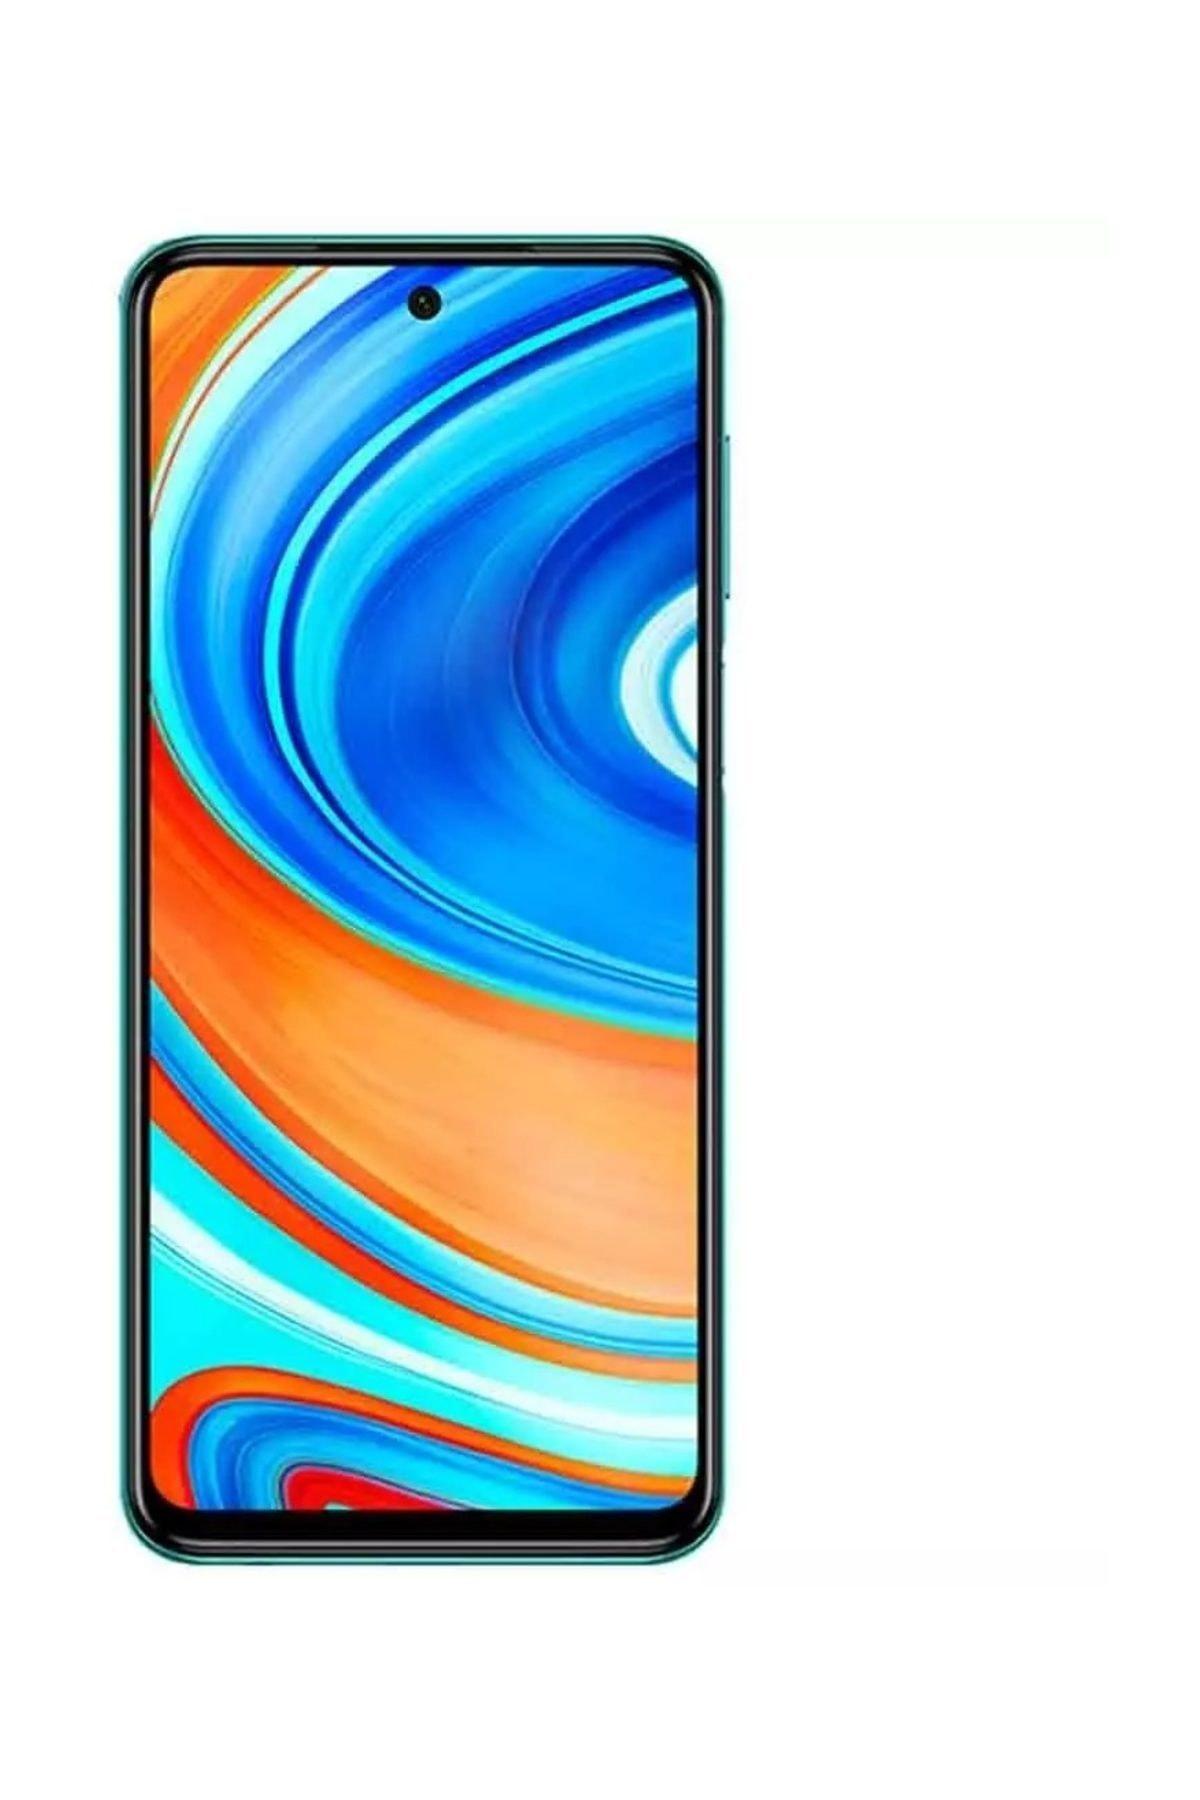 Xiaomi Redmi Note 9 Pro 128GB Beyaz Cep Telefonu (Xiaomi Türkiye Garantiili) 2